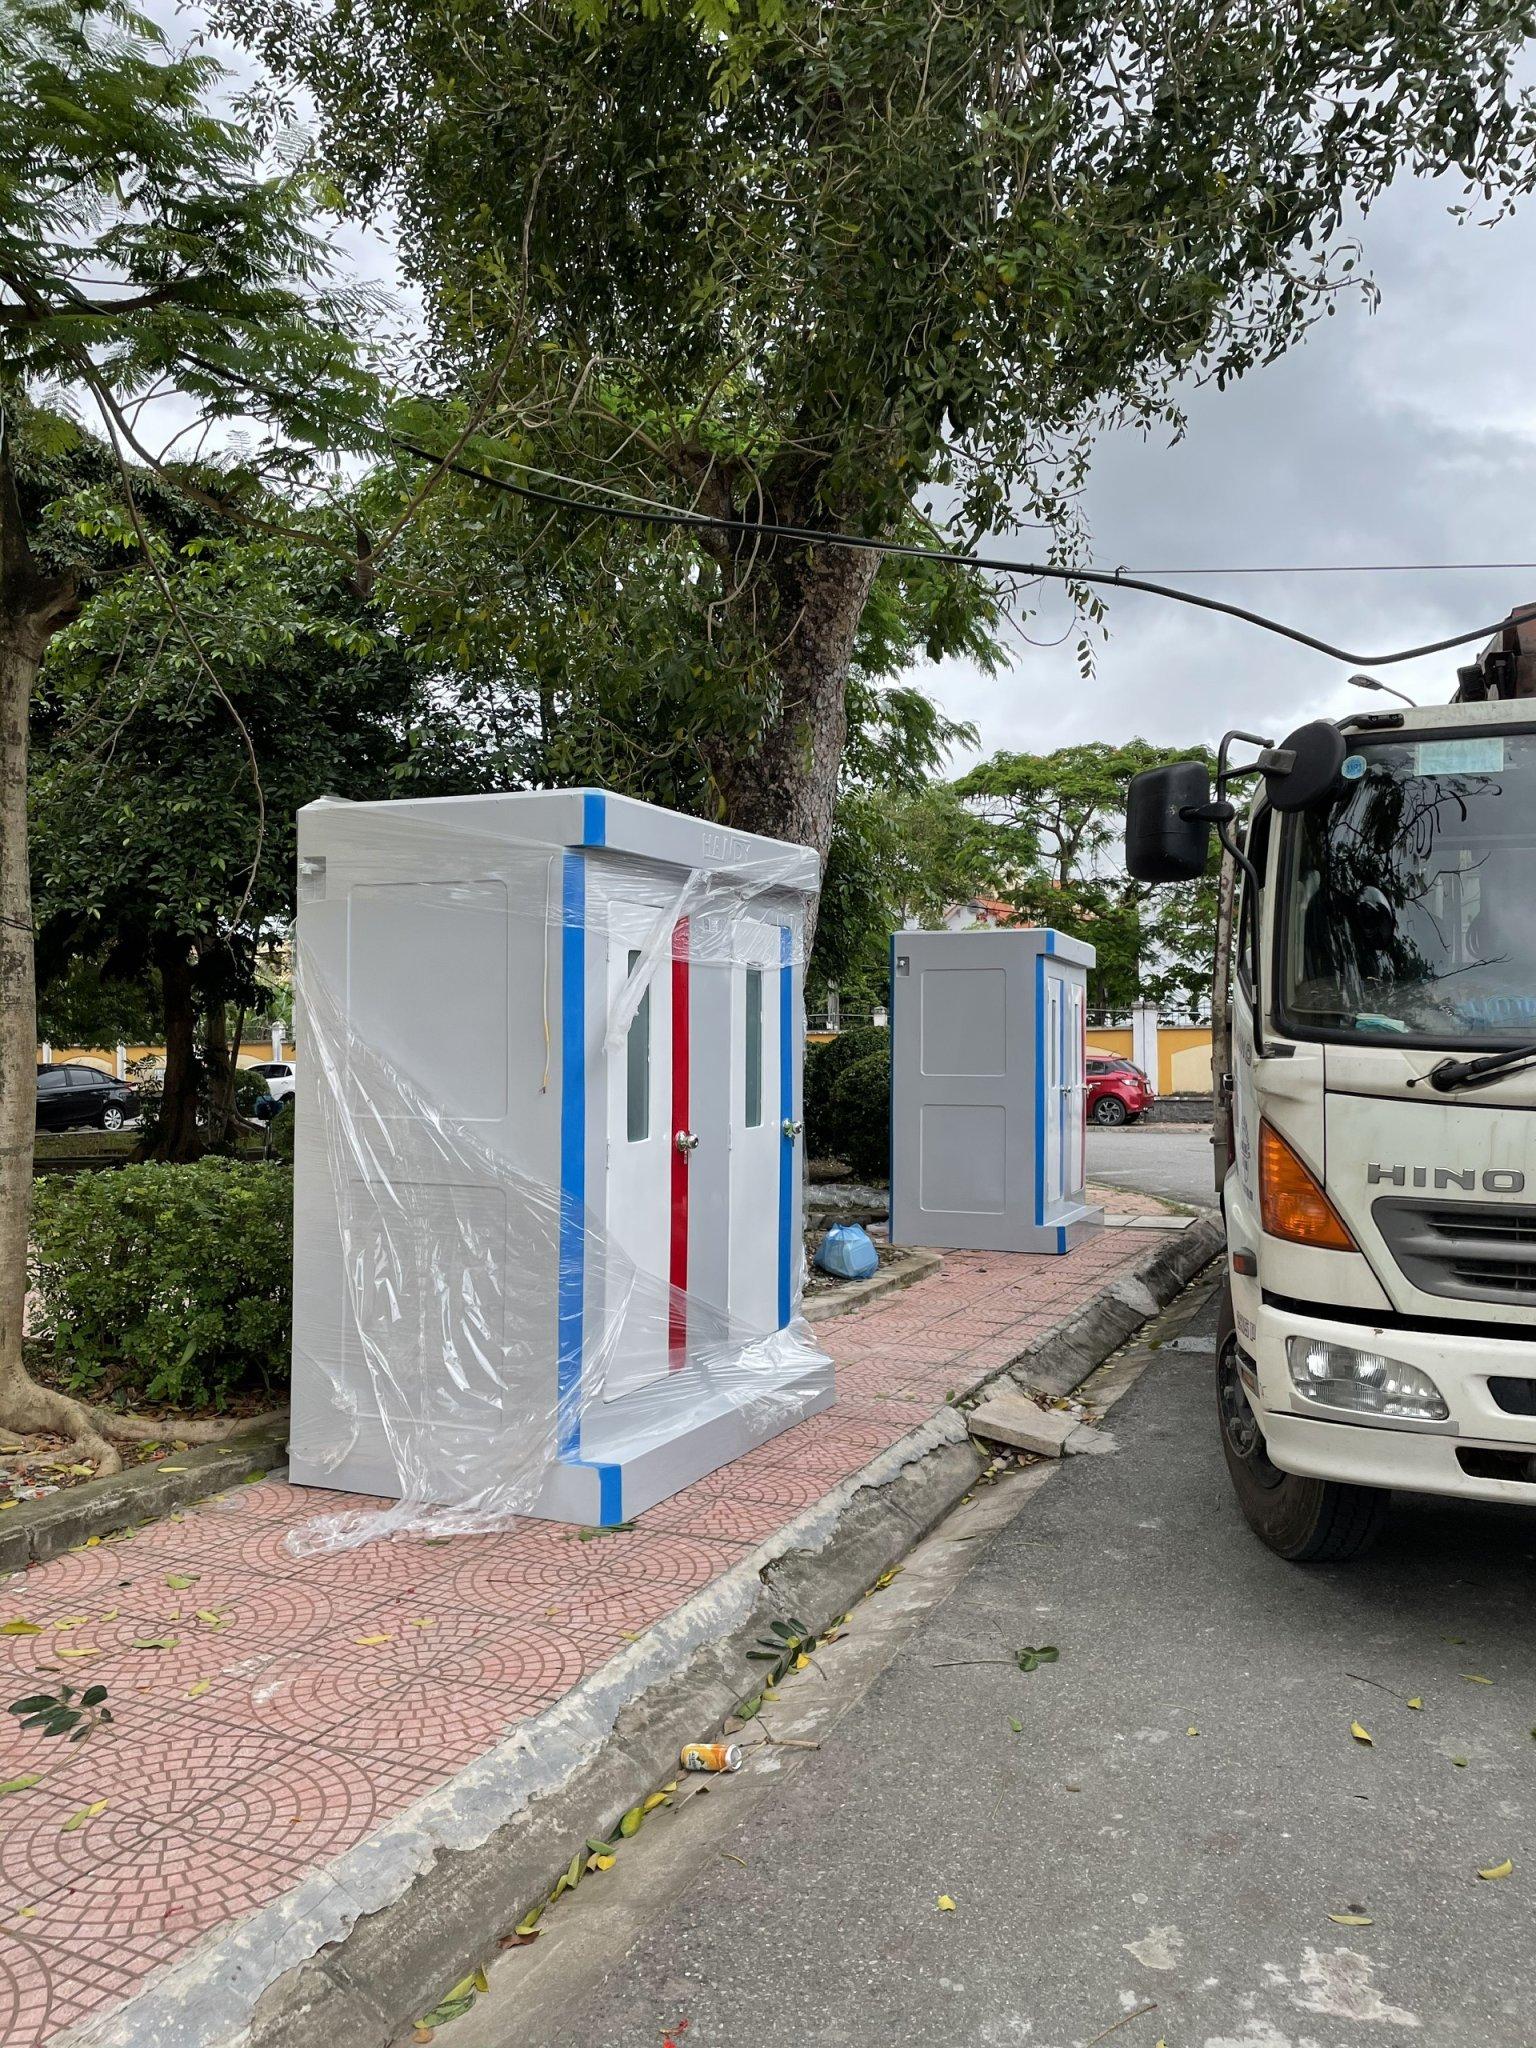 Toilet composite phục vụ cách ly Covid